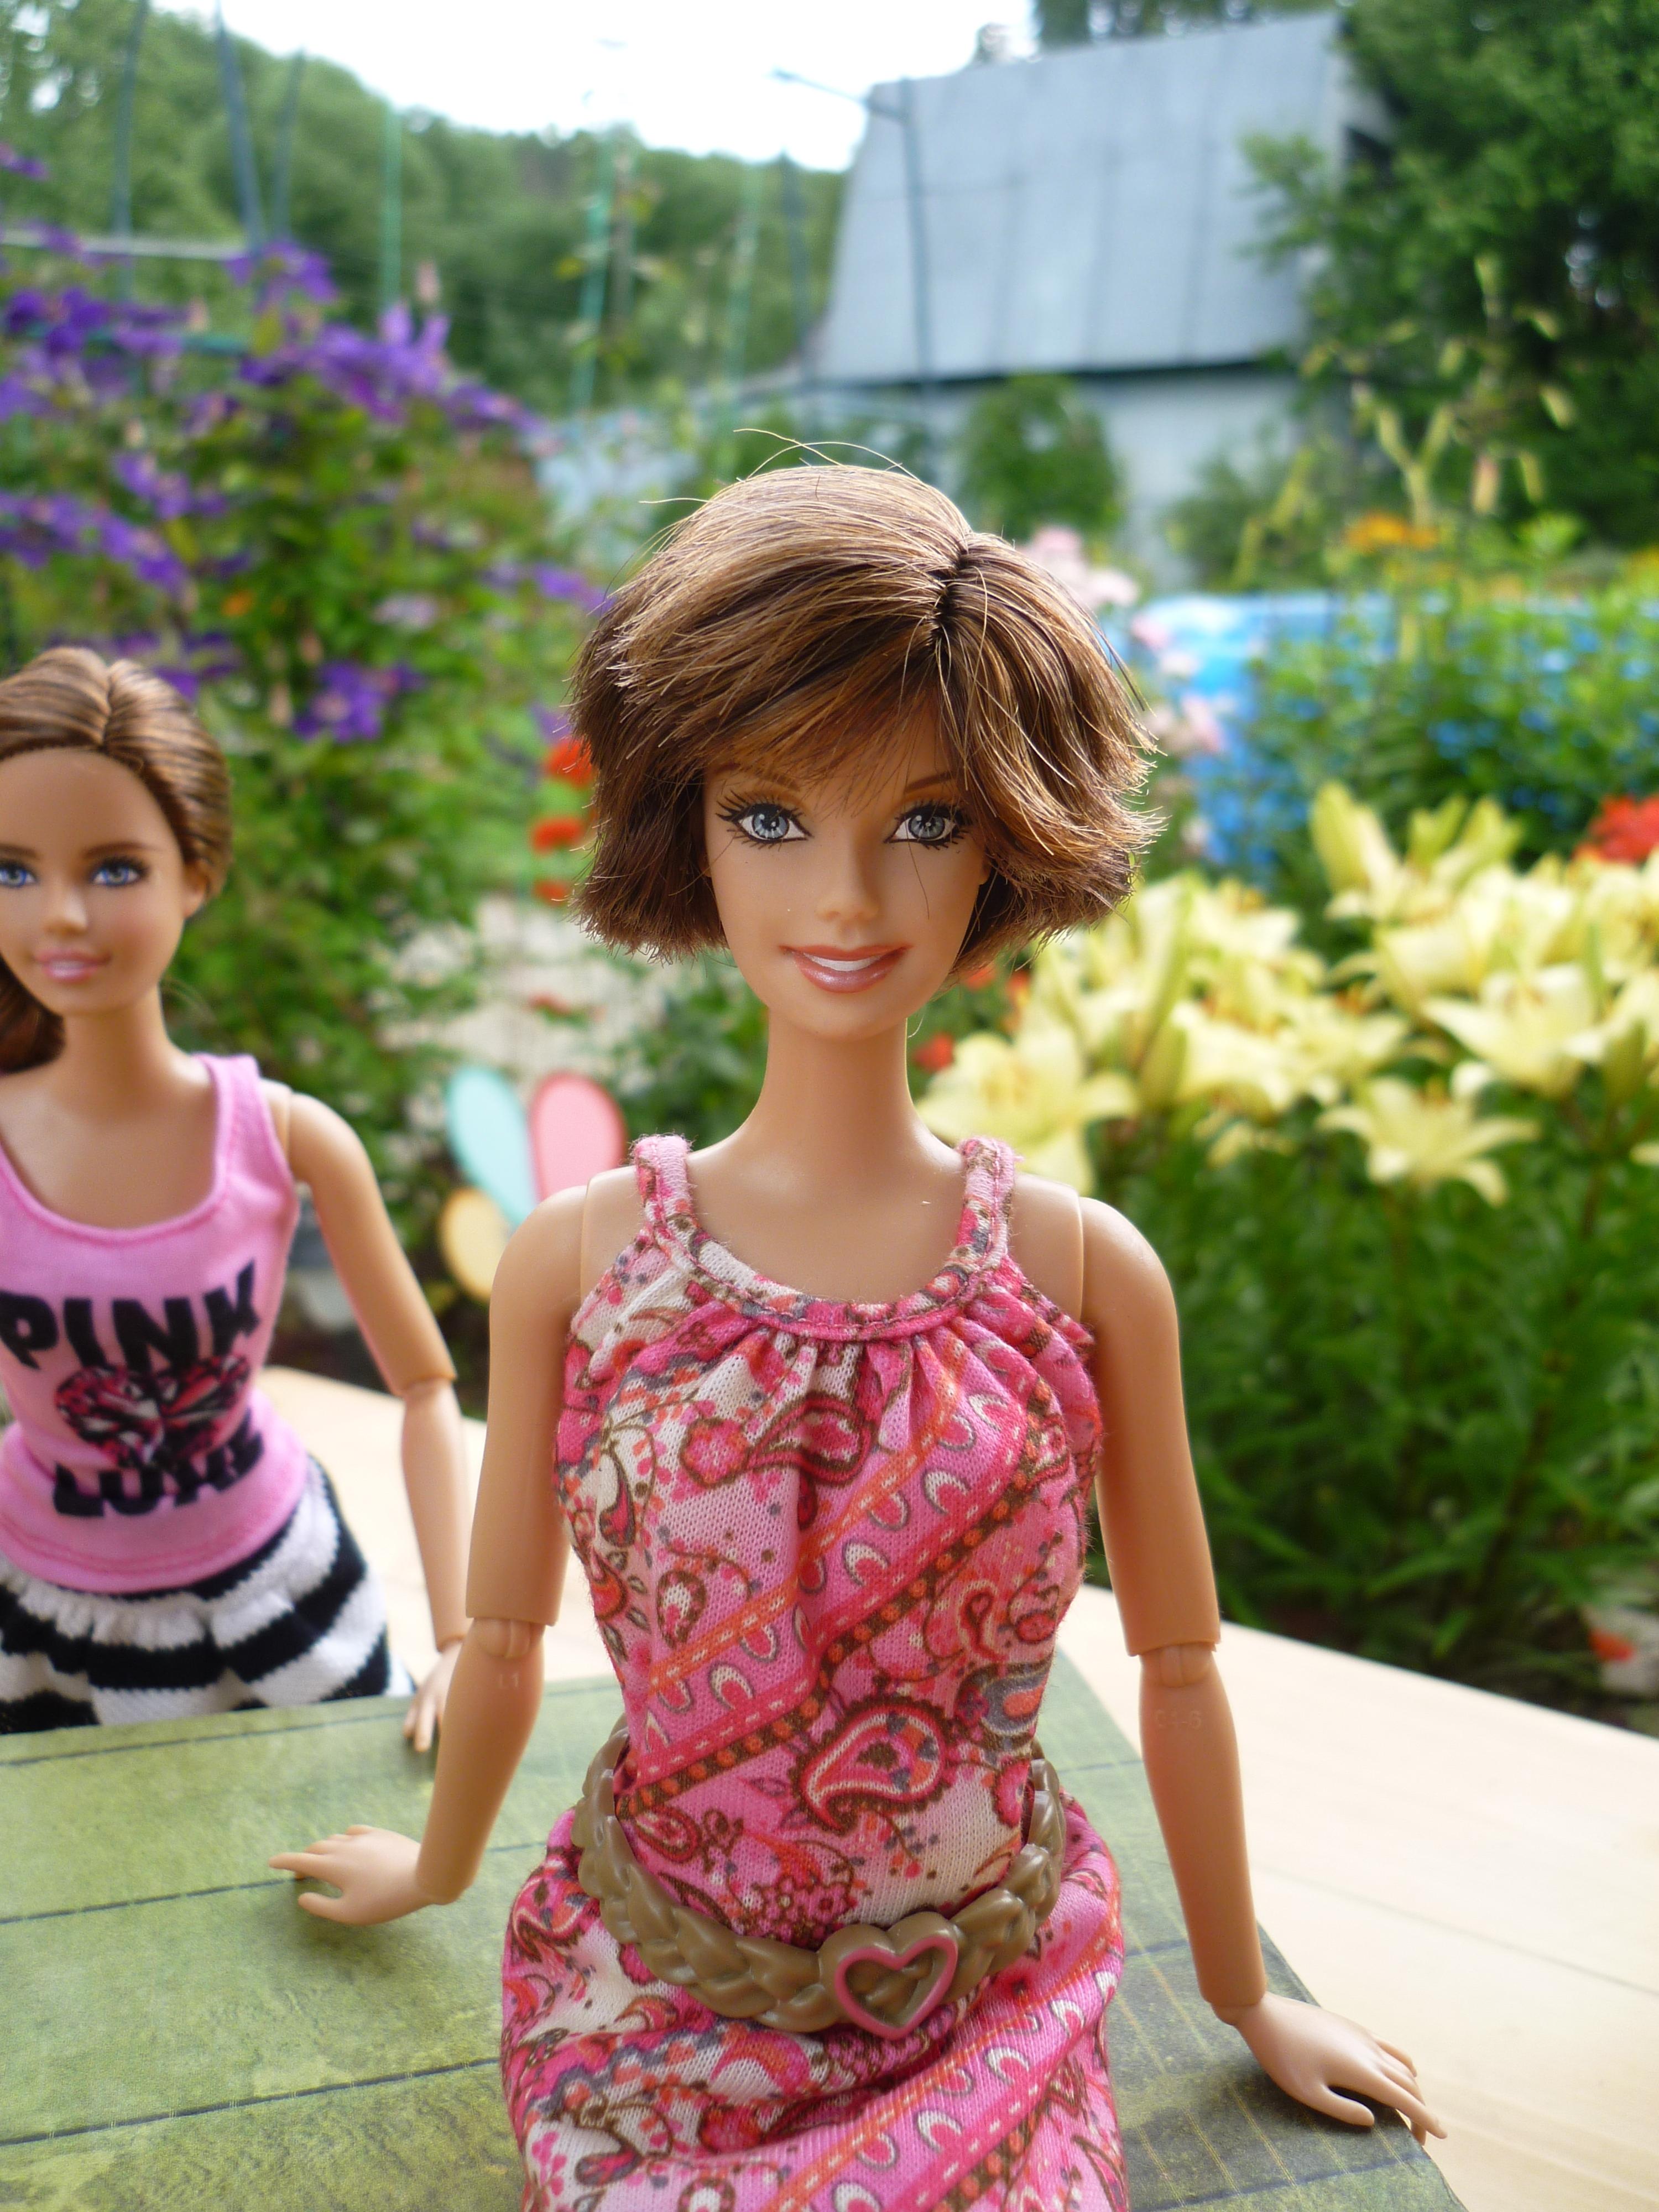 Martina McBride Barbie